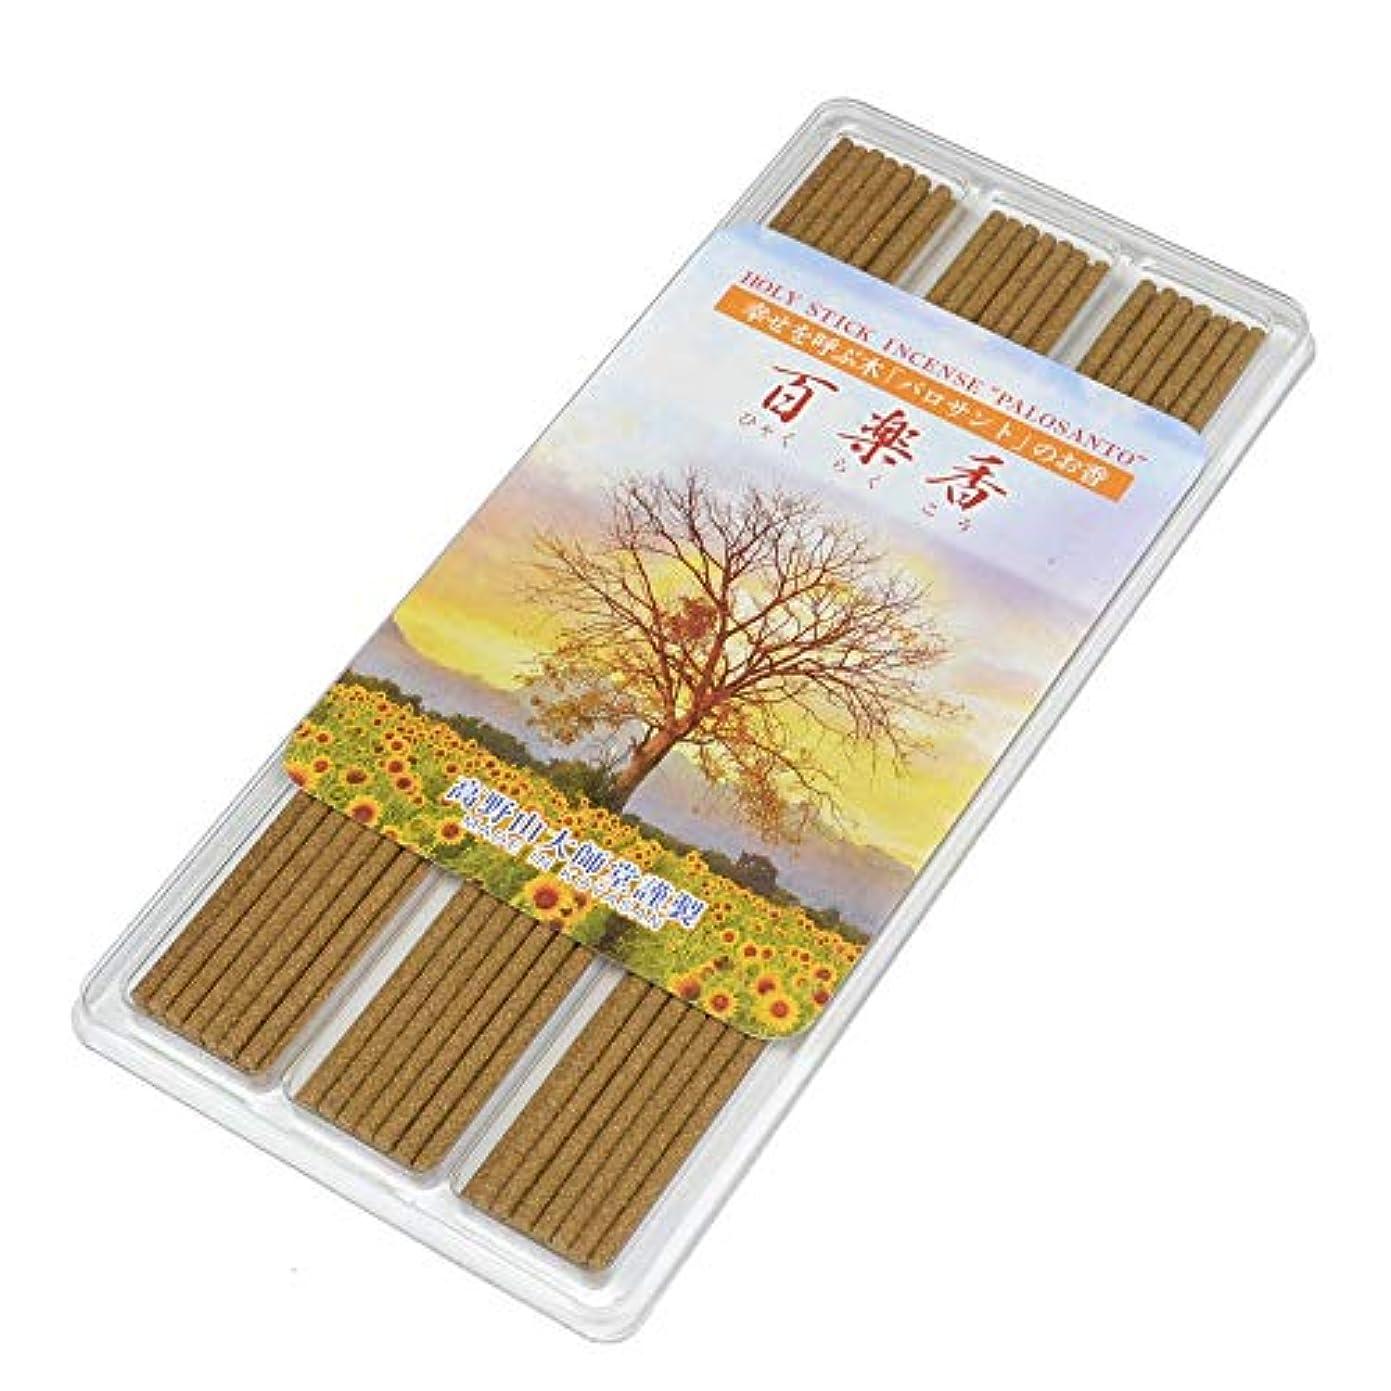 のぞき見懲戒ショートカット幸運の木「パロサント」のお香【徳用】Palo Santo Incense